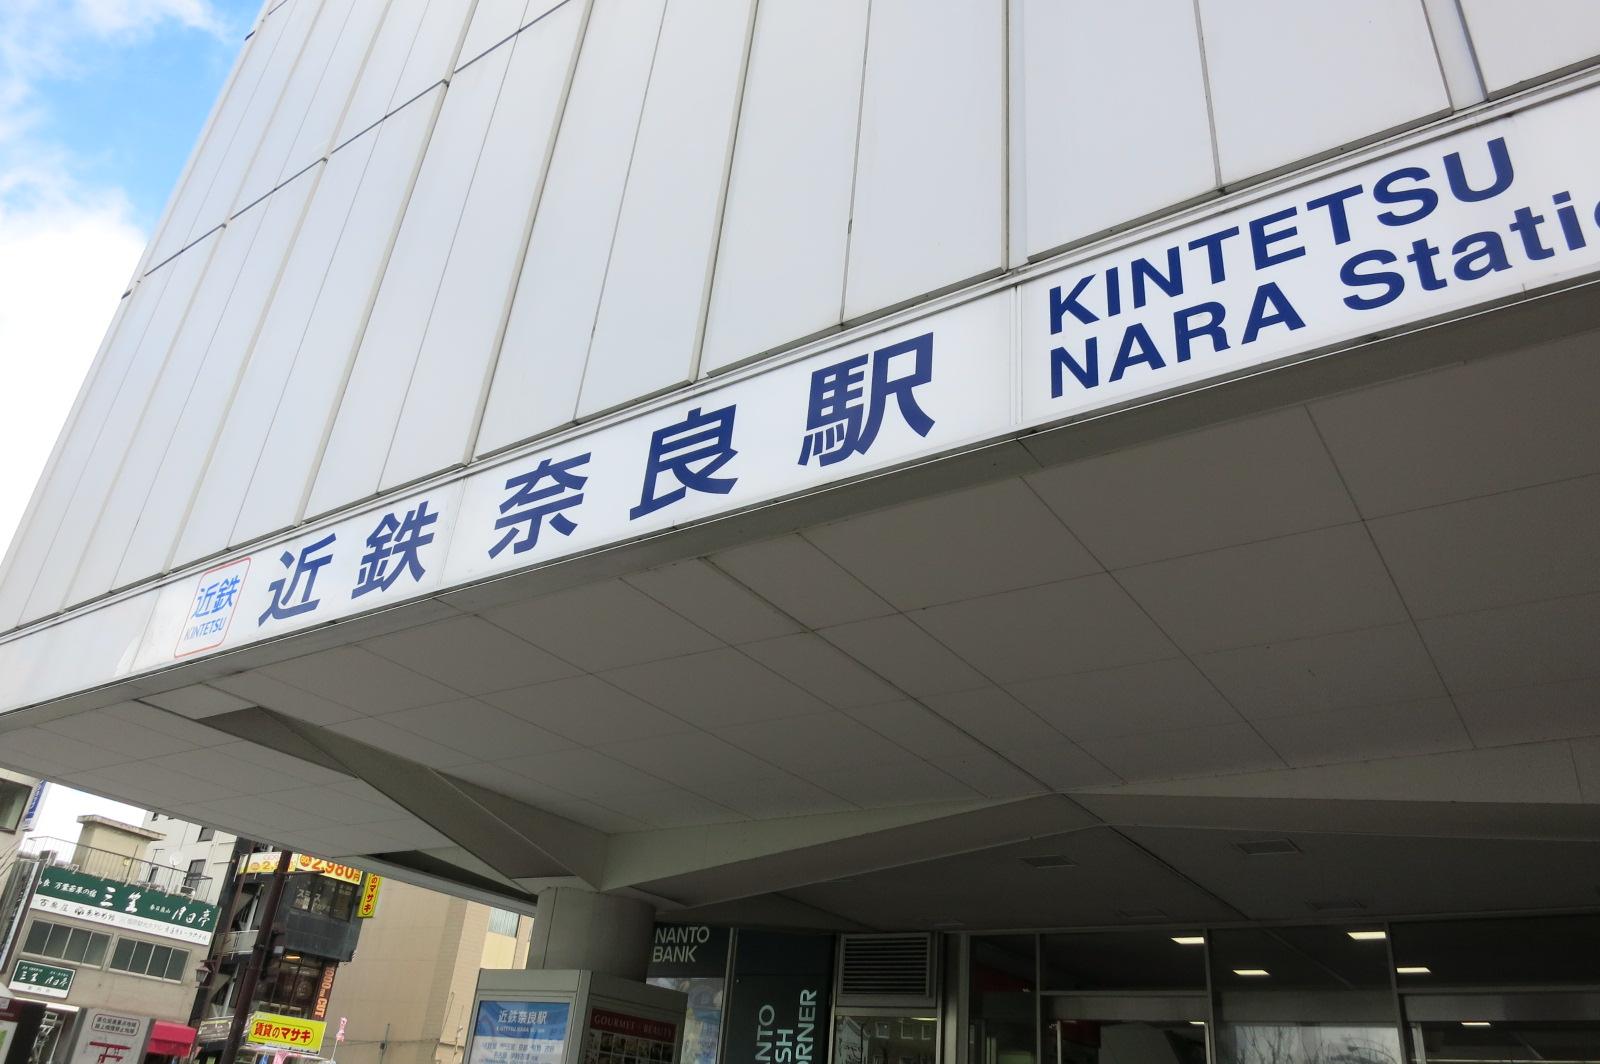 近鉄奈良駅構内のインフォメーションセンターで二月堂迄の行き方を教えて貰い、市内循環バスに乗って出発。